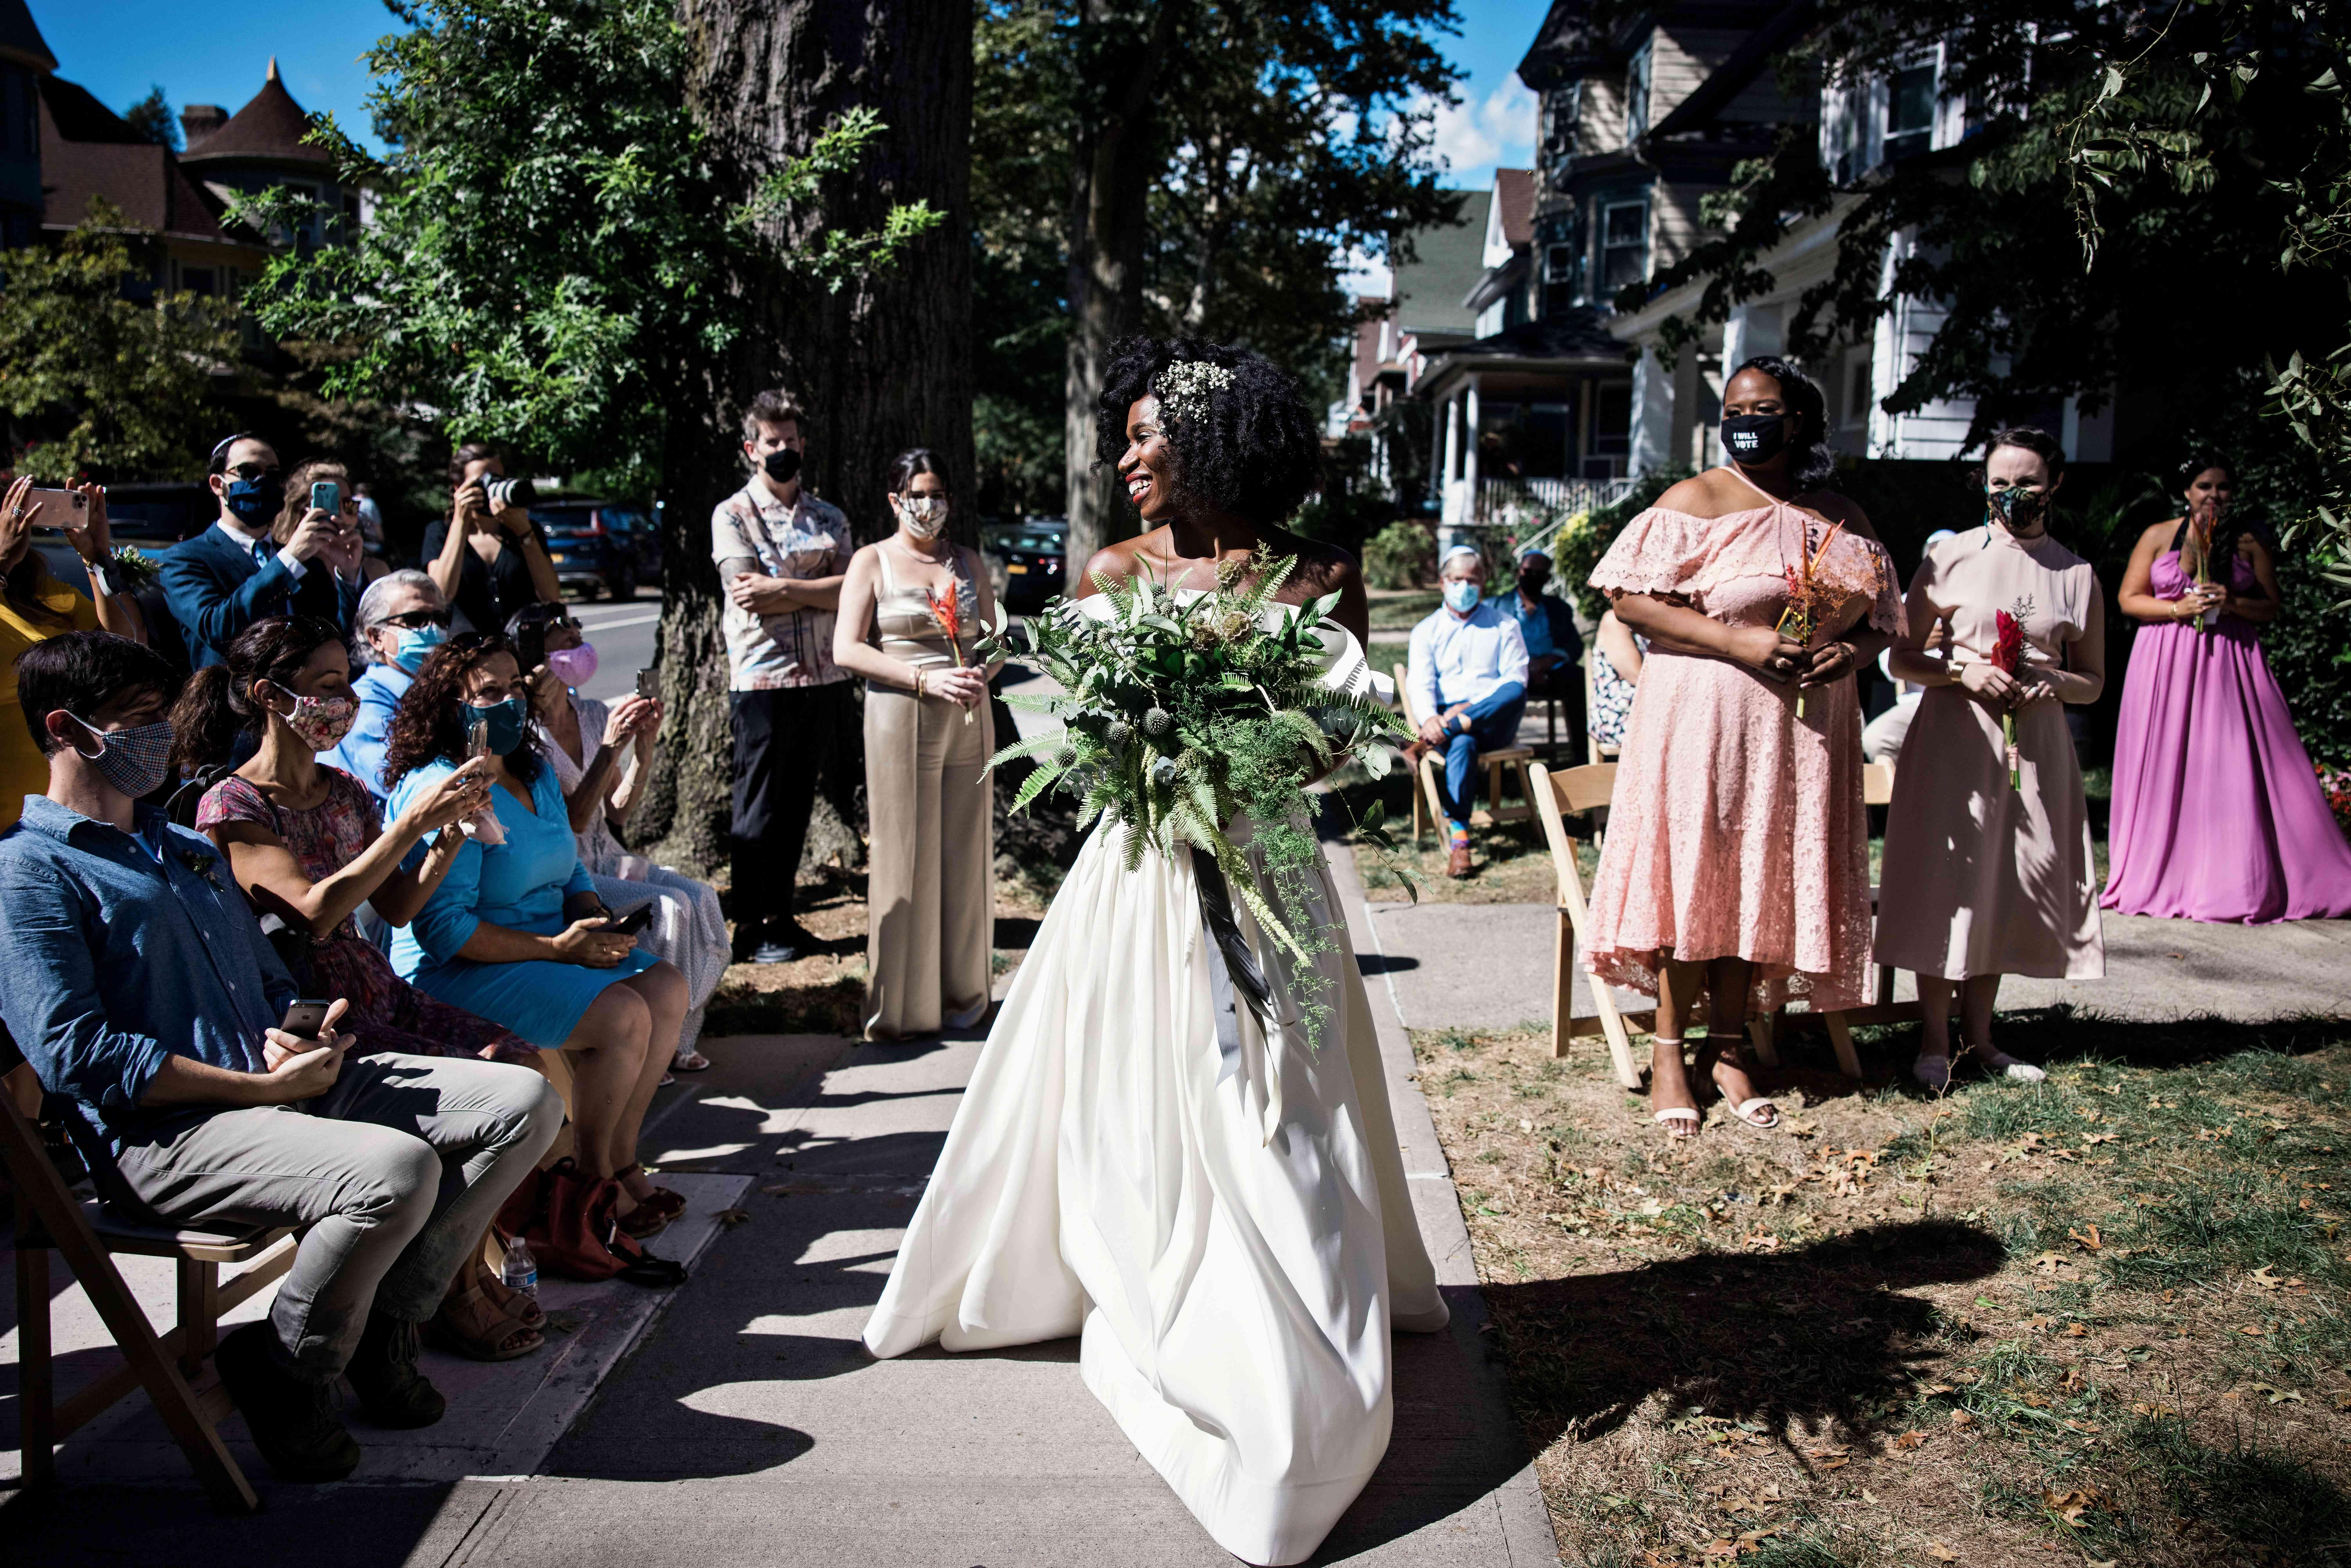 The bride procession